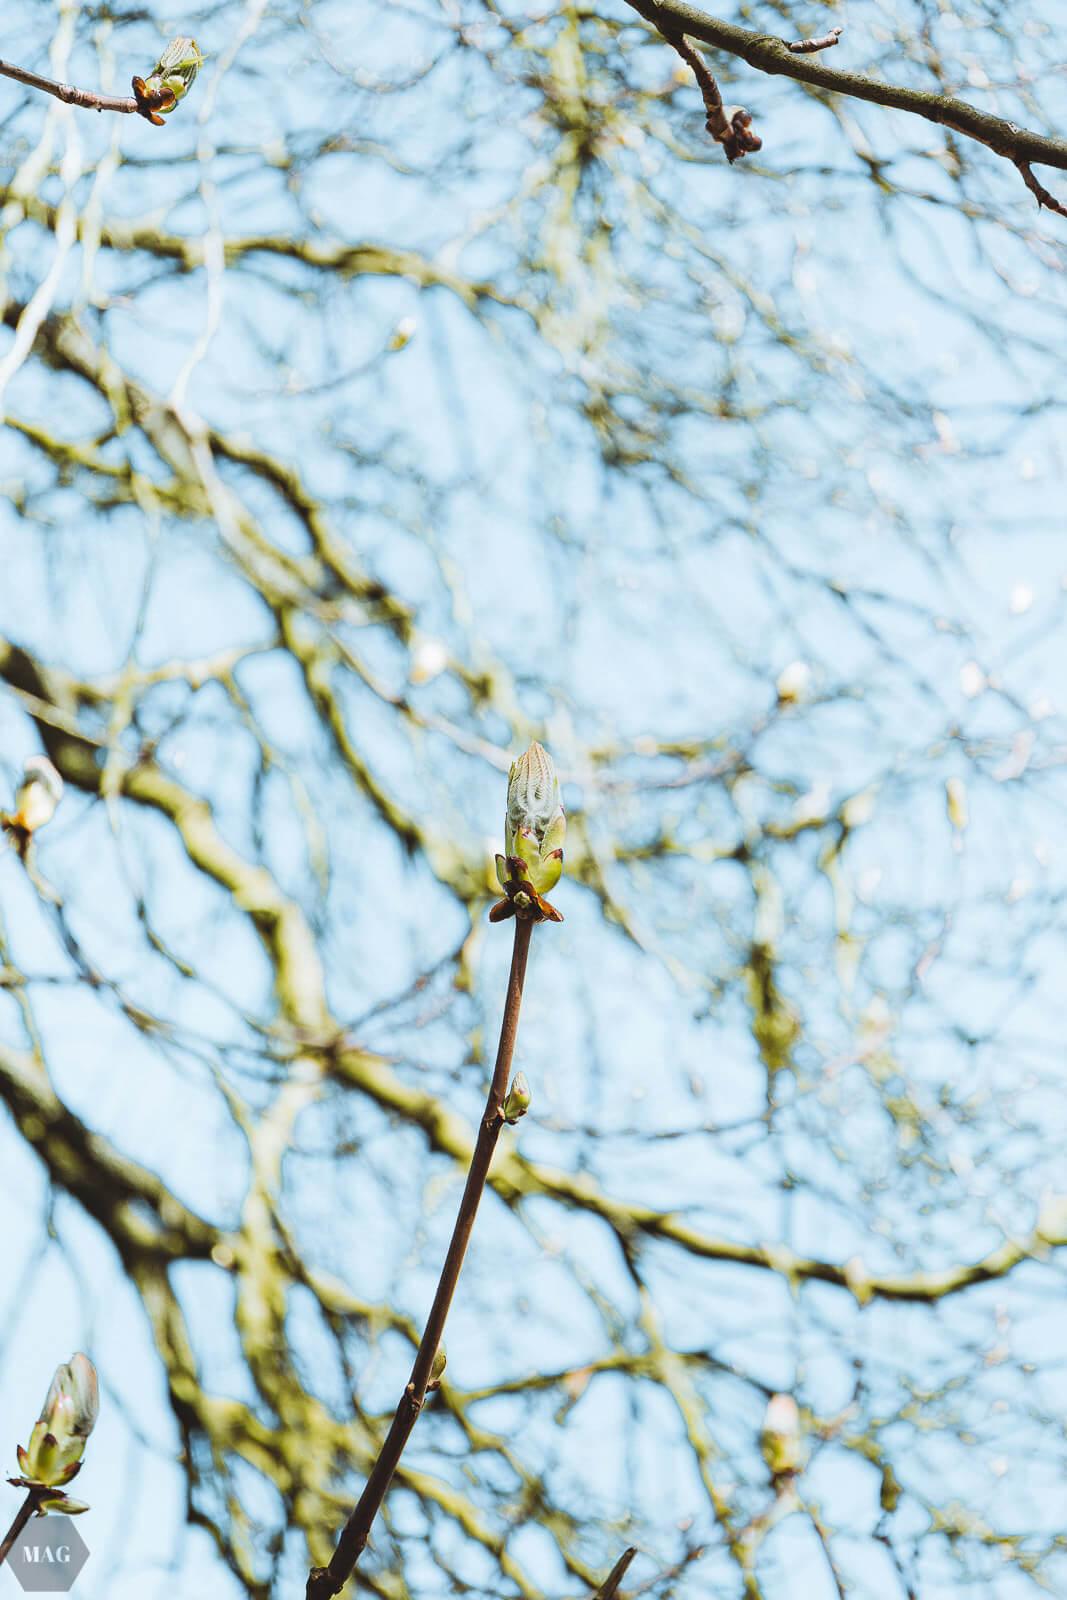 aussterben von arten, Frühling, Kirschblüten, Blumen, nachhaltig, nachhaltiger blog, Evolution und das aussterben von arten, aussterben von arten, Frühlingsgedanken, Frühlingsgefühle, Frühlingsblumen